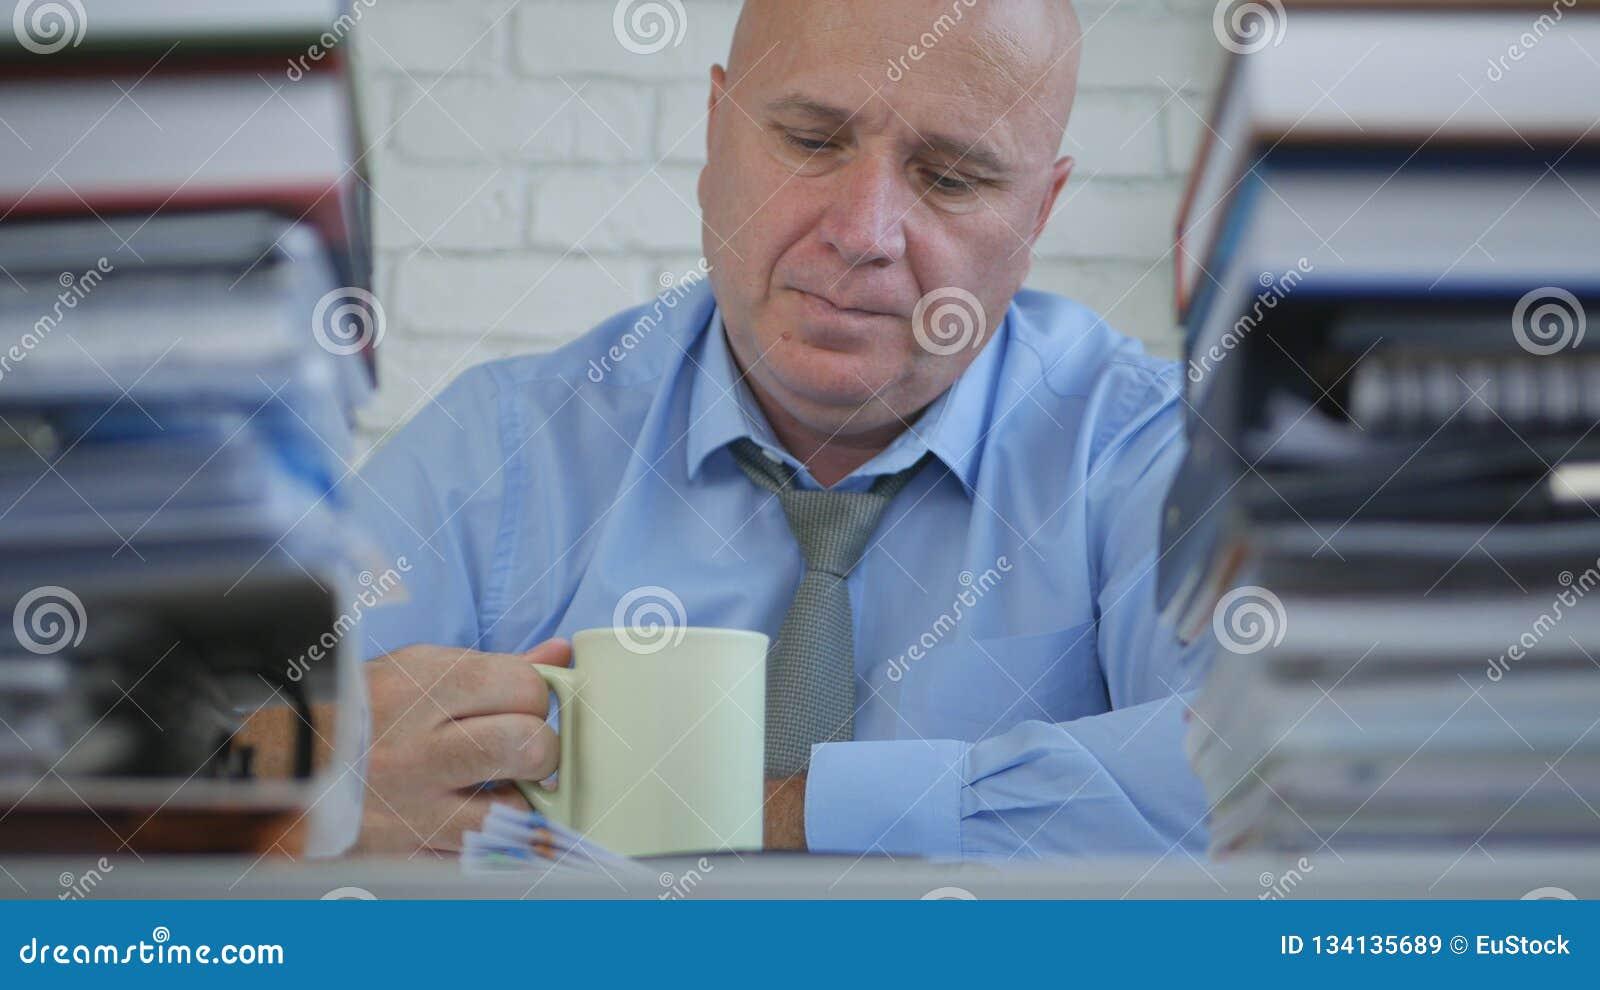 Businessperson In Office Room neemt een Pauze het Drinken Koffie